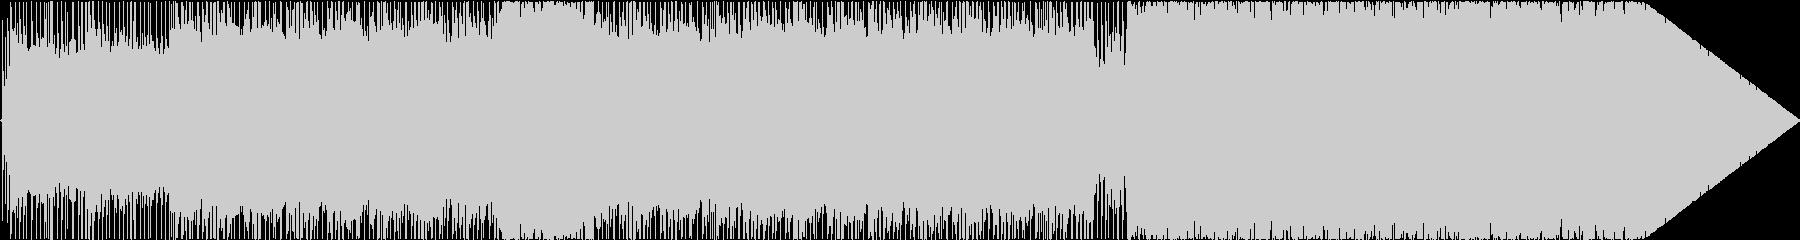 妖艶なオルタナティブロックインストの未再生の波形